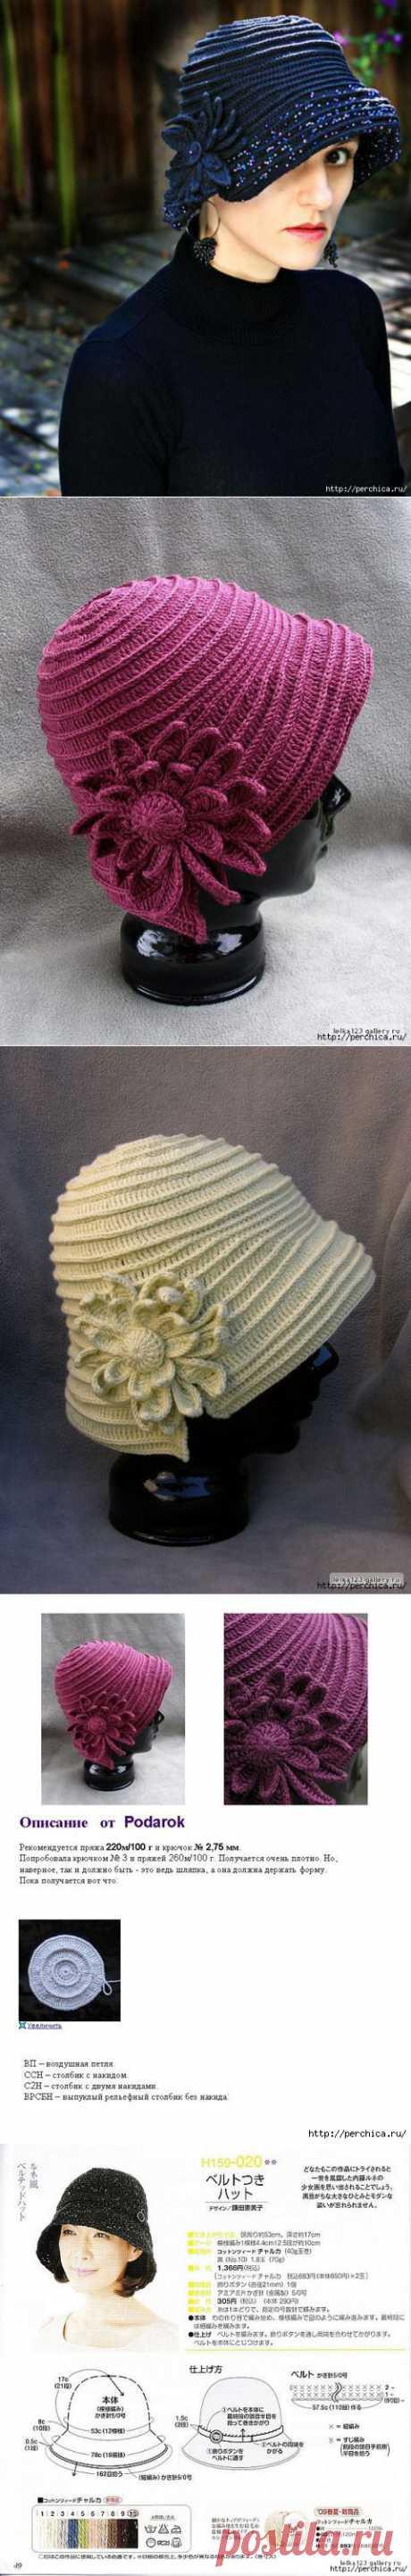 Рельефная шляпка с цветком для настоящих леди.